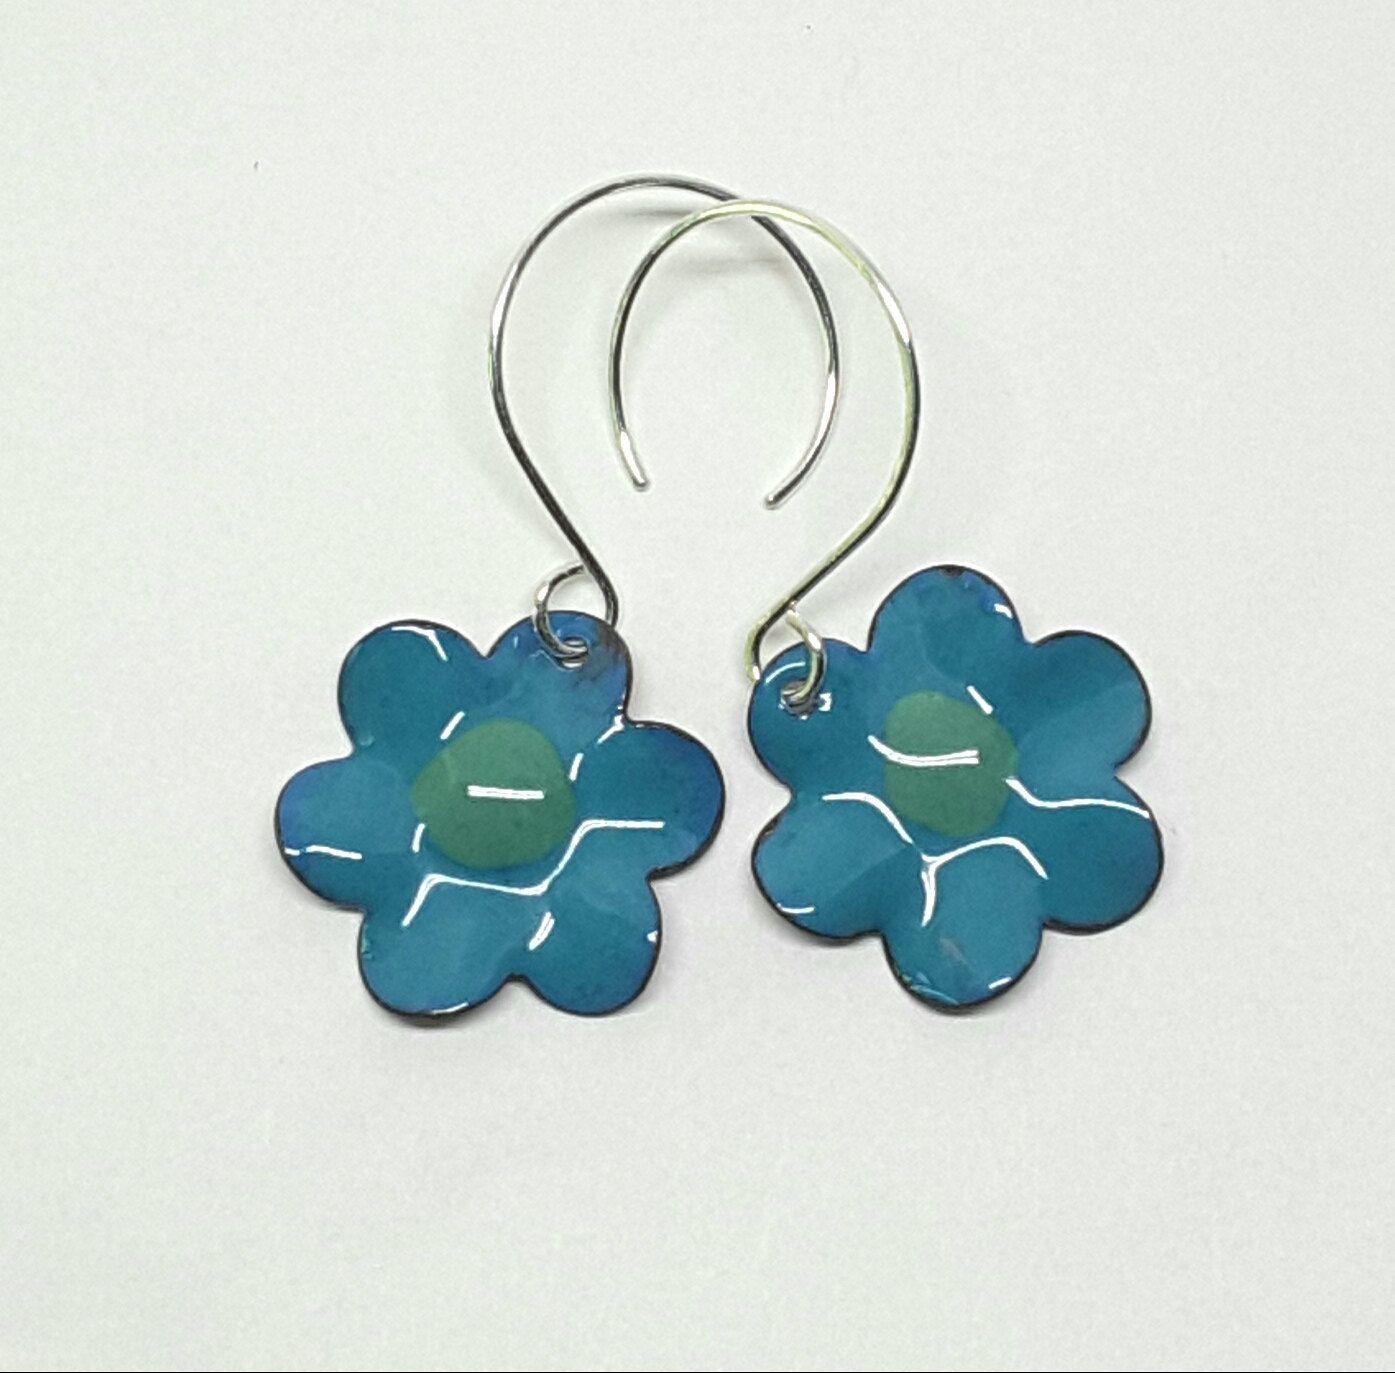 Sapphire Blue Enamel Flower Earrings by PrayerMonkey on Etsy